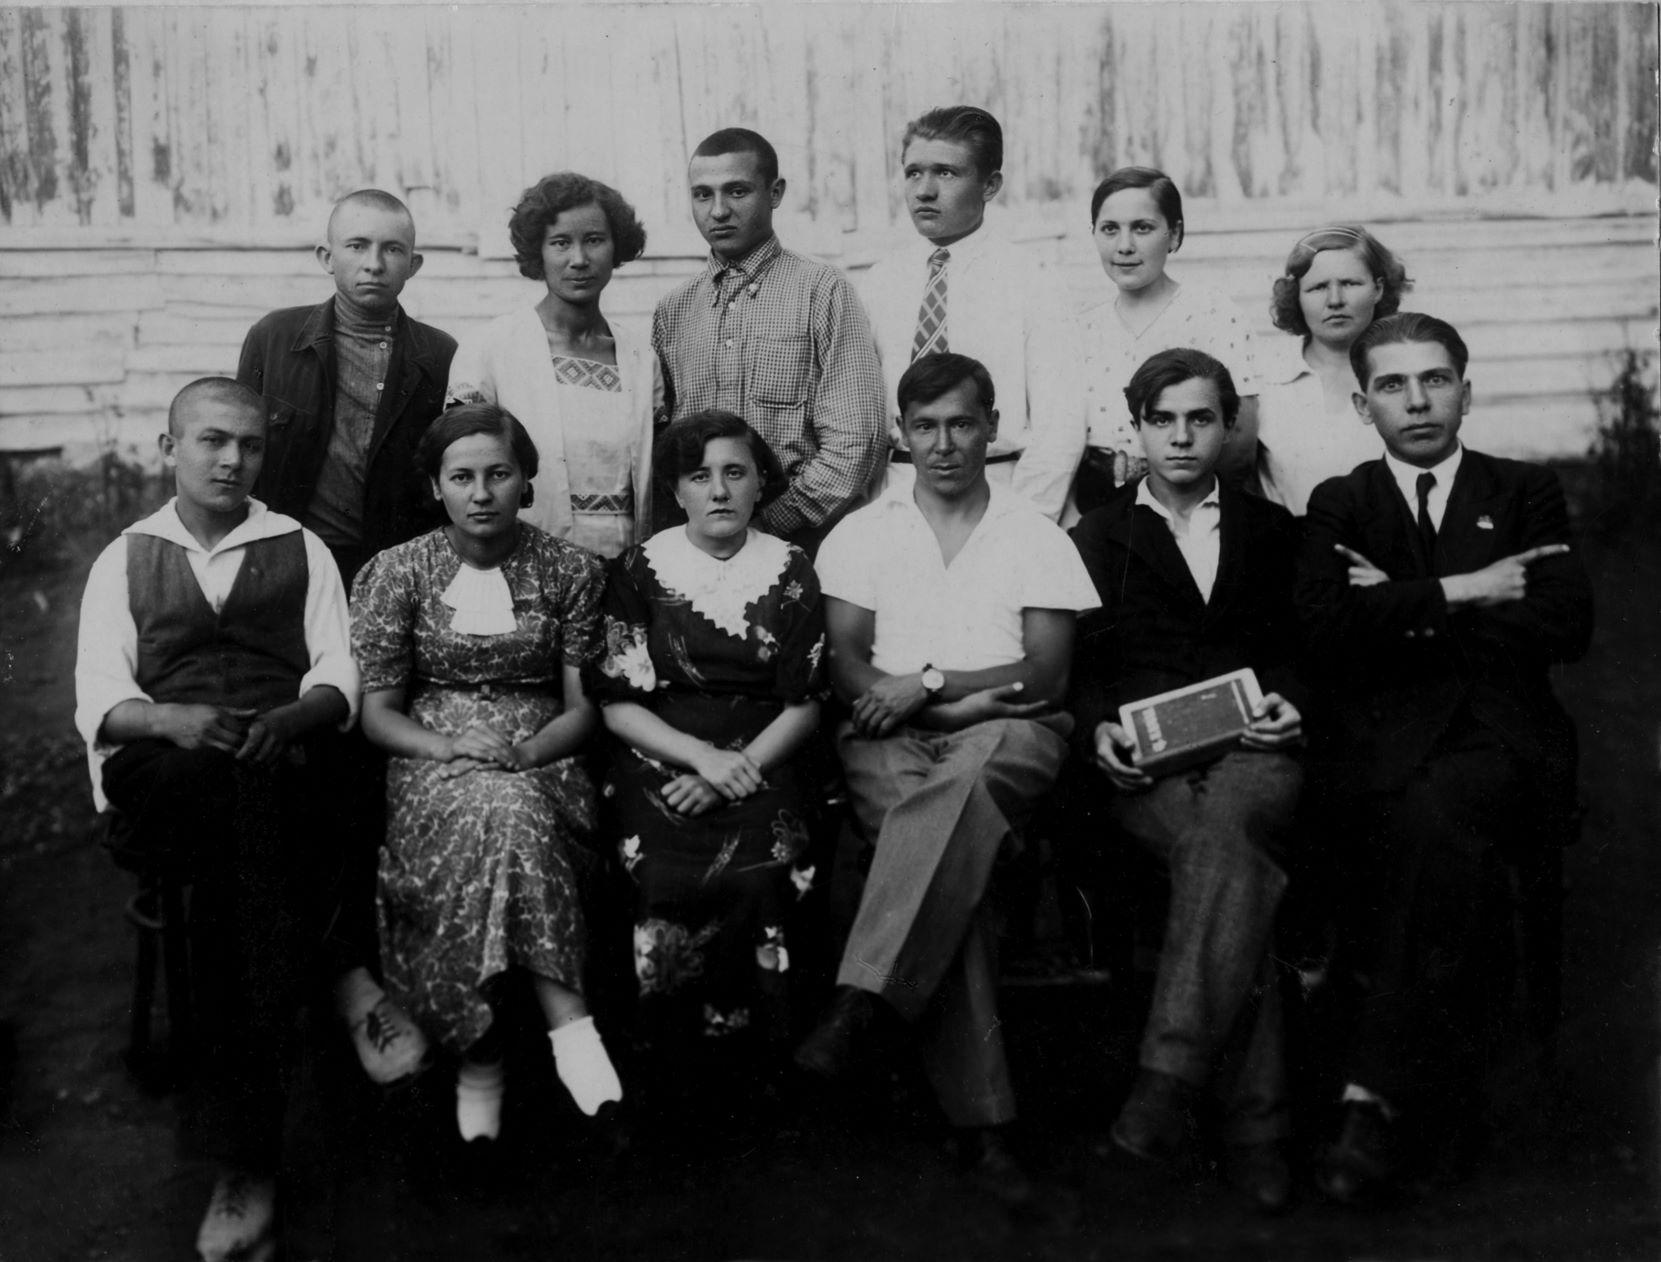 Кружок Джалиля во дворе Татарского рабочего клуба. Муса Джалиль - в центре. 1930-е гг.